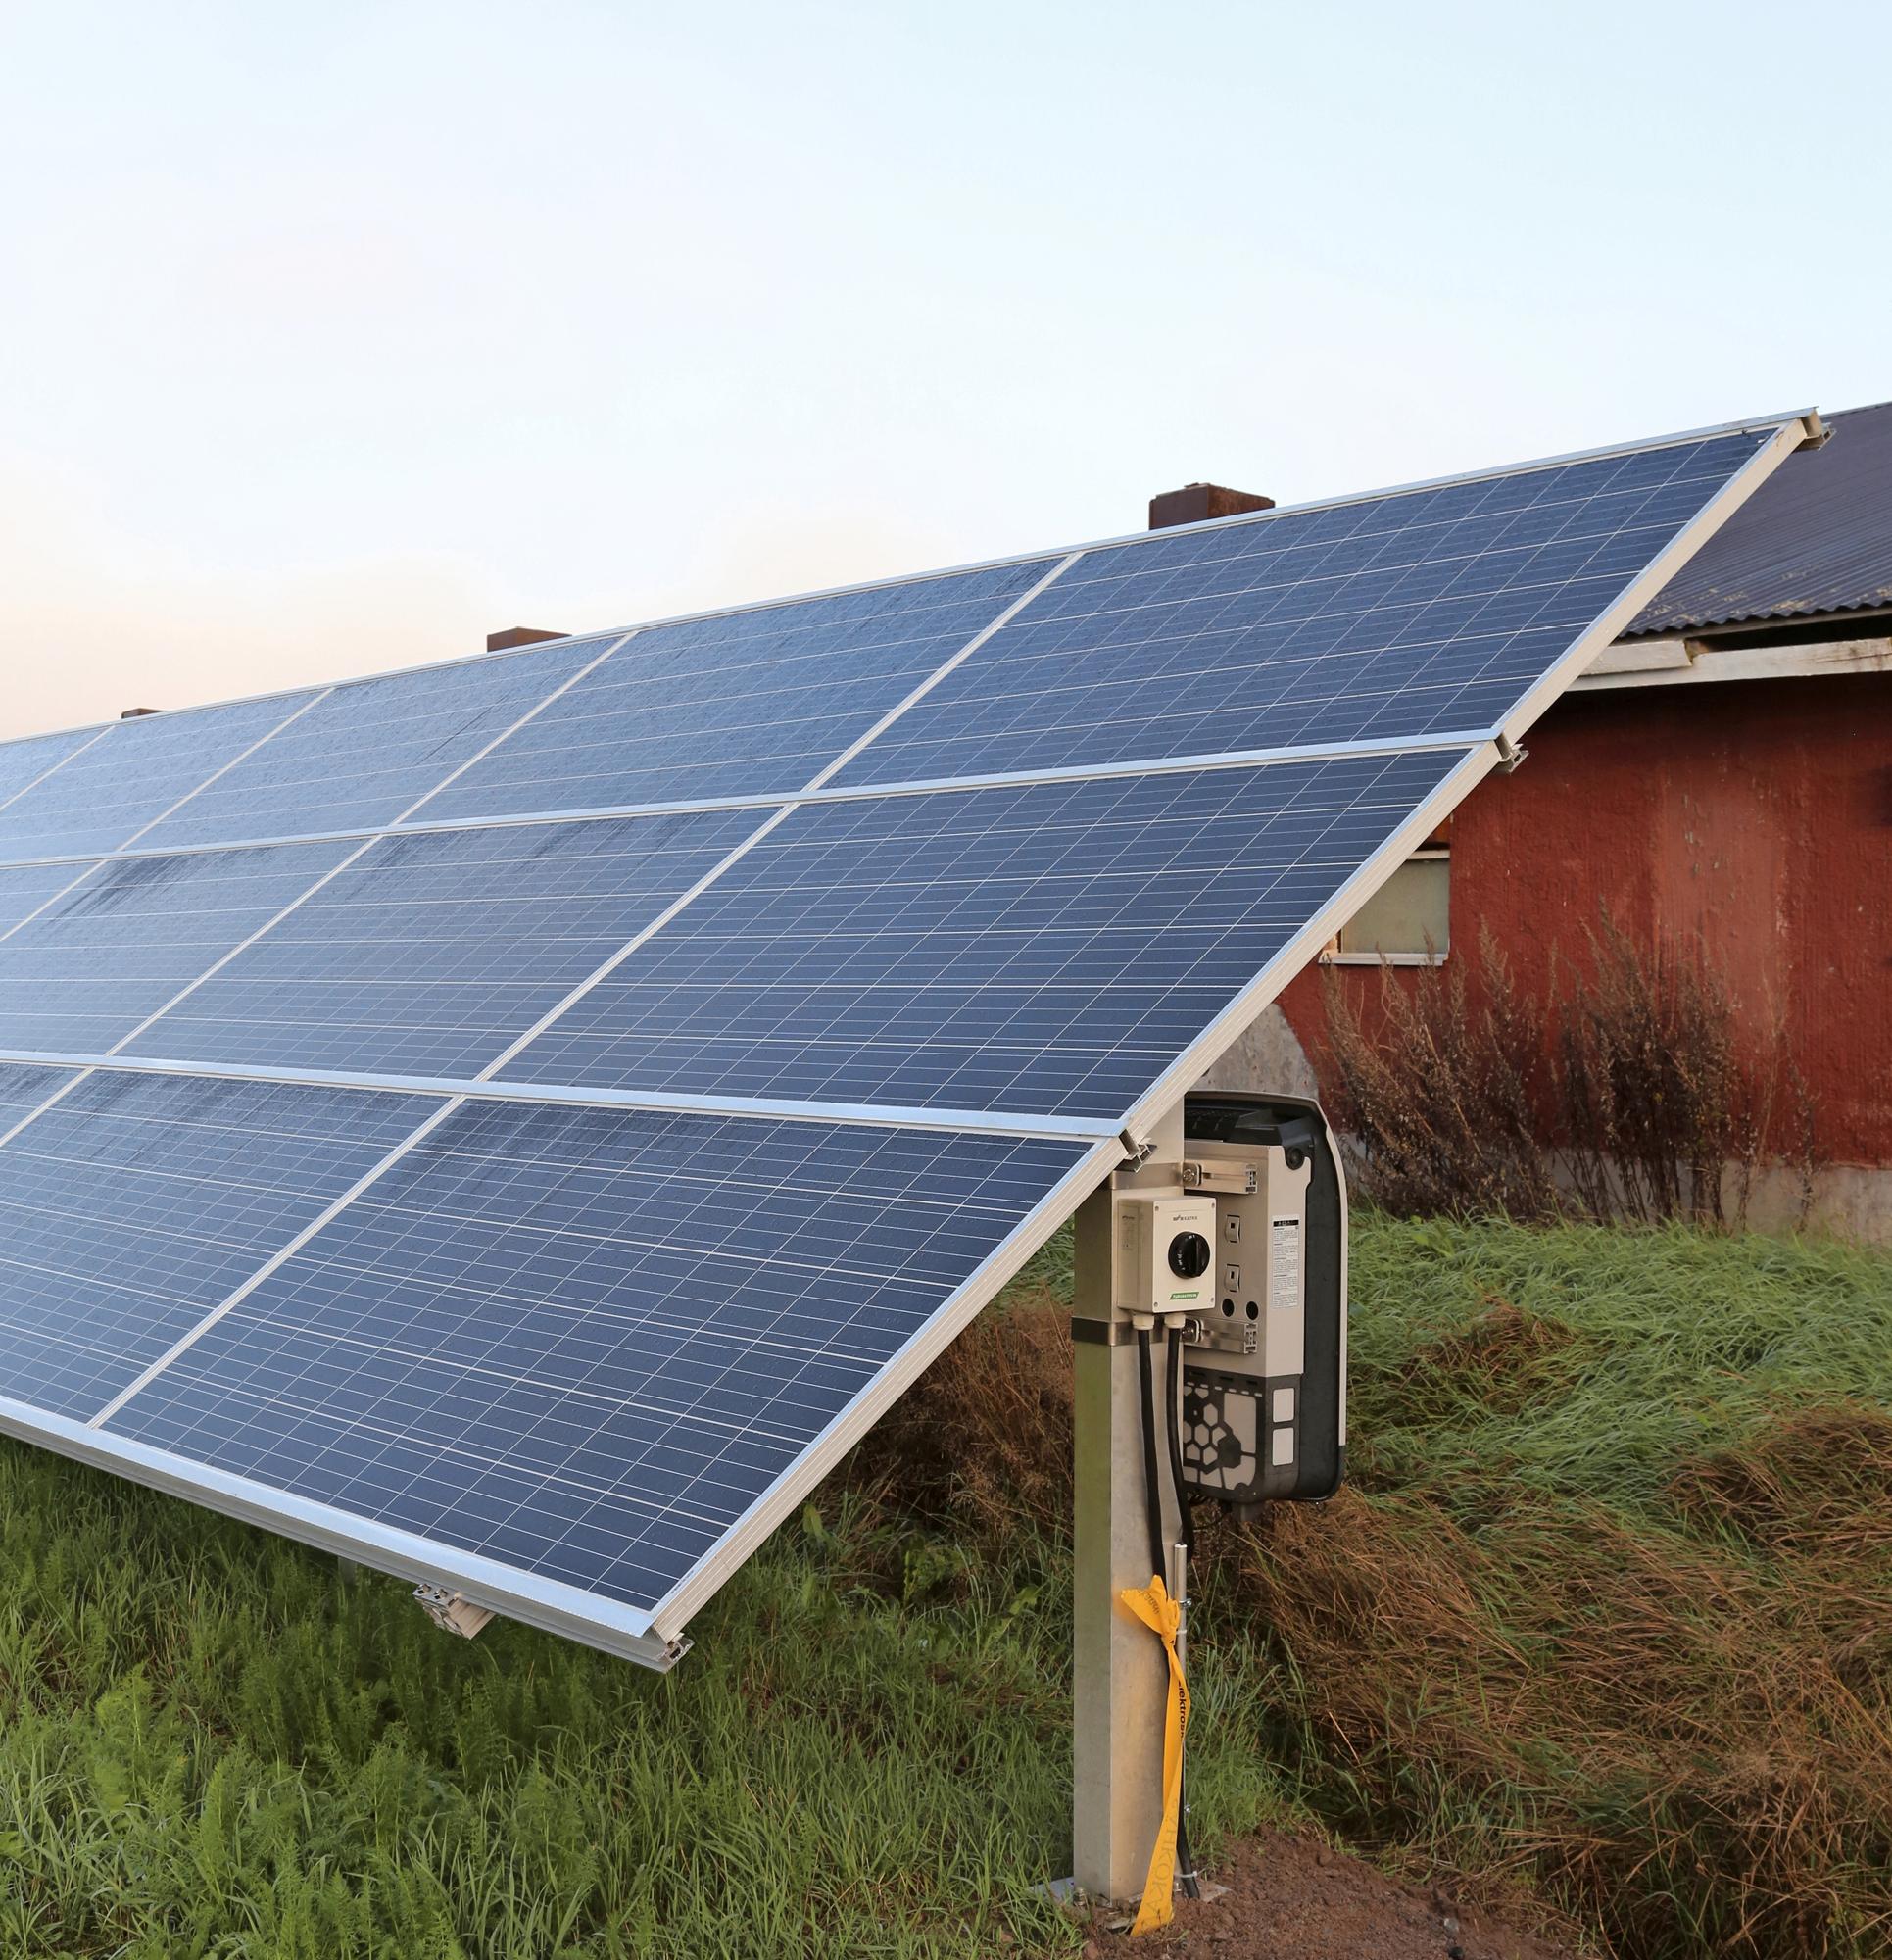 Viljelijät investoivat aurinkosähkön tuotantoon